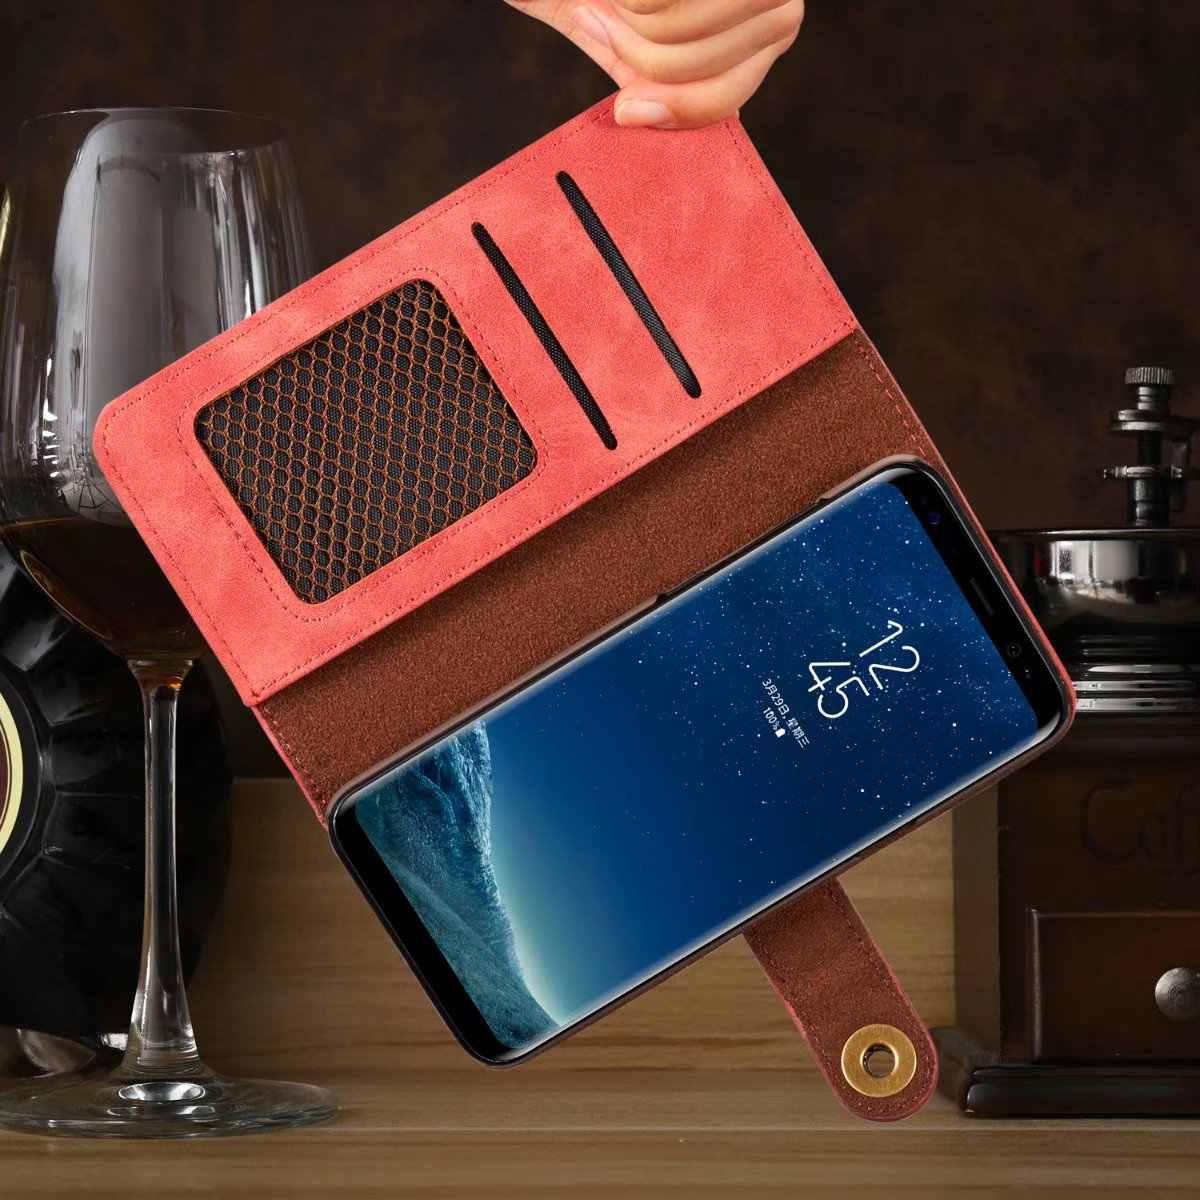 リムーバブル 5 × XR XS 最大 8 7 6S プラス 5 5s サムスンギャラクシーノート 9 8 S9 S8 プラス S7 エッジカード財布フリップケース